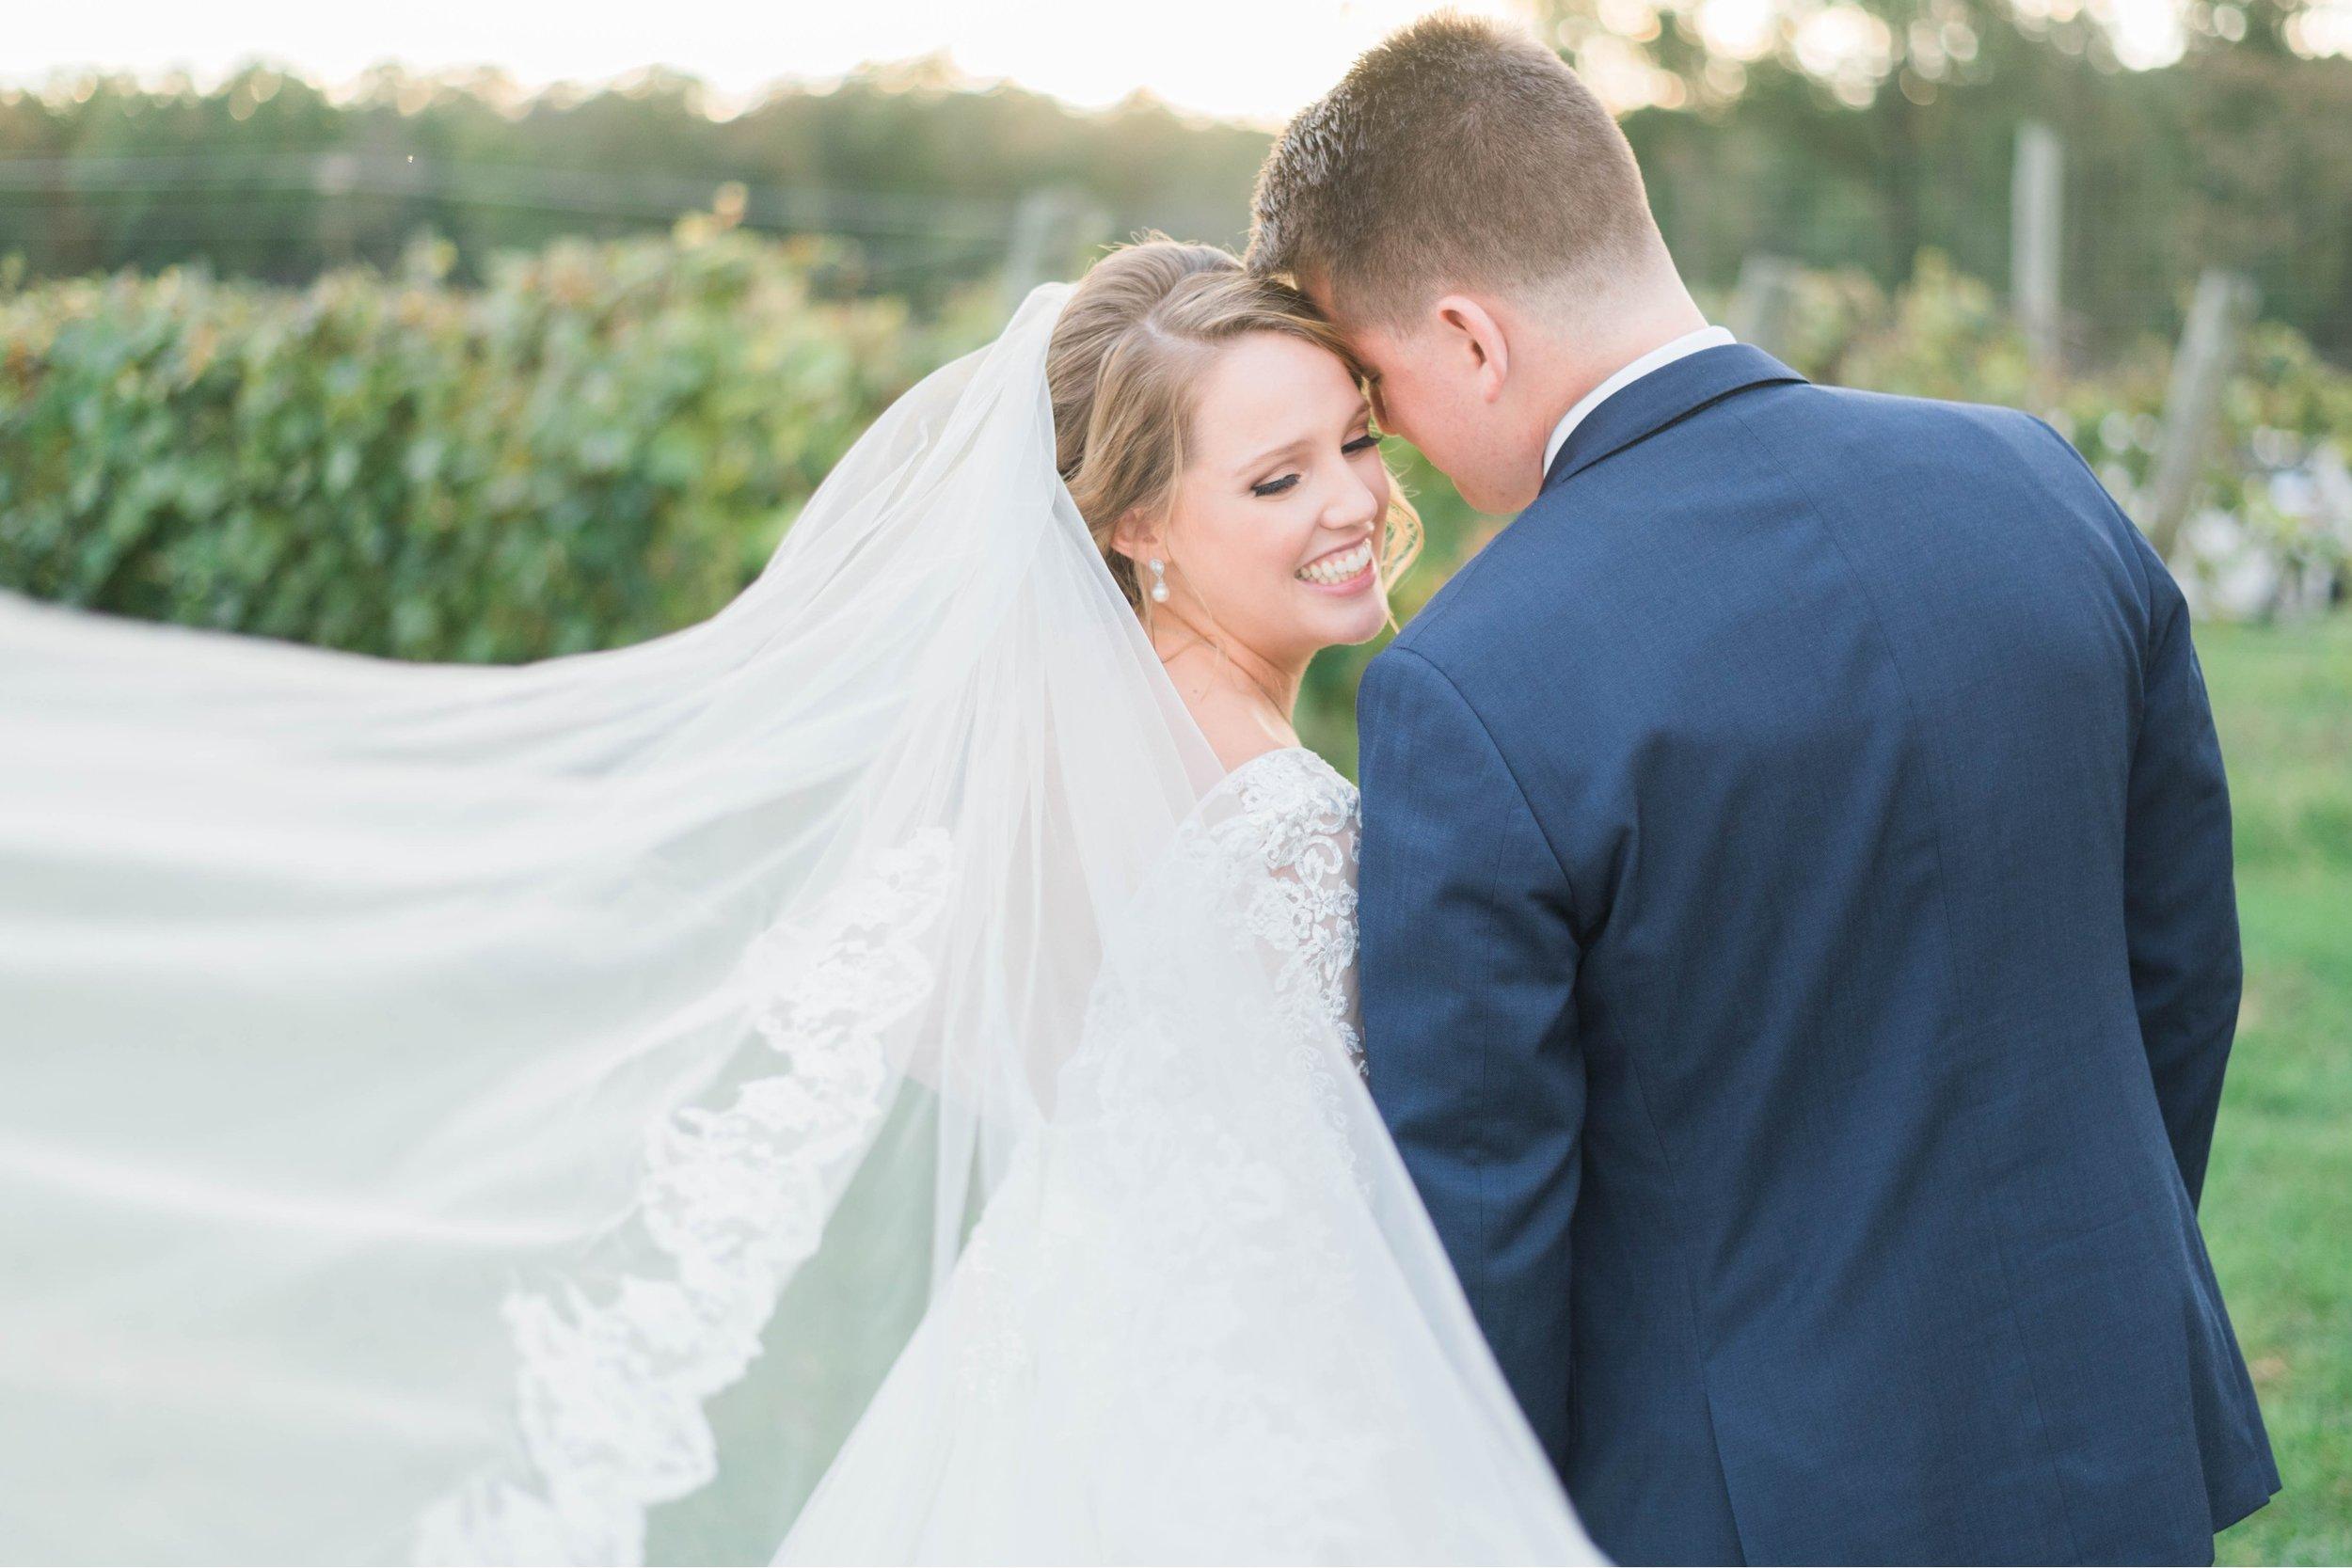 GrantElizabeth_wineryatbullrun_DCwedding_Virginiaweddingphotographer 8.jpg